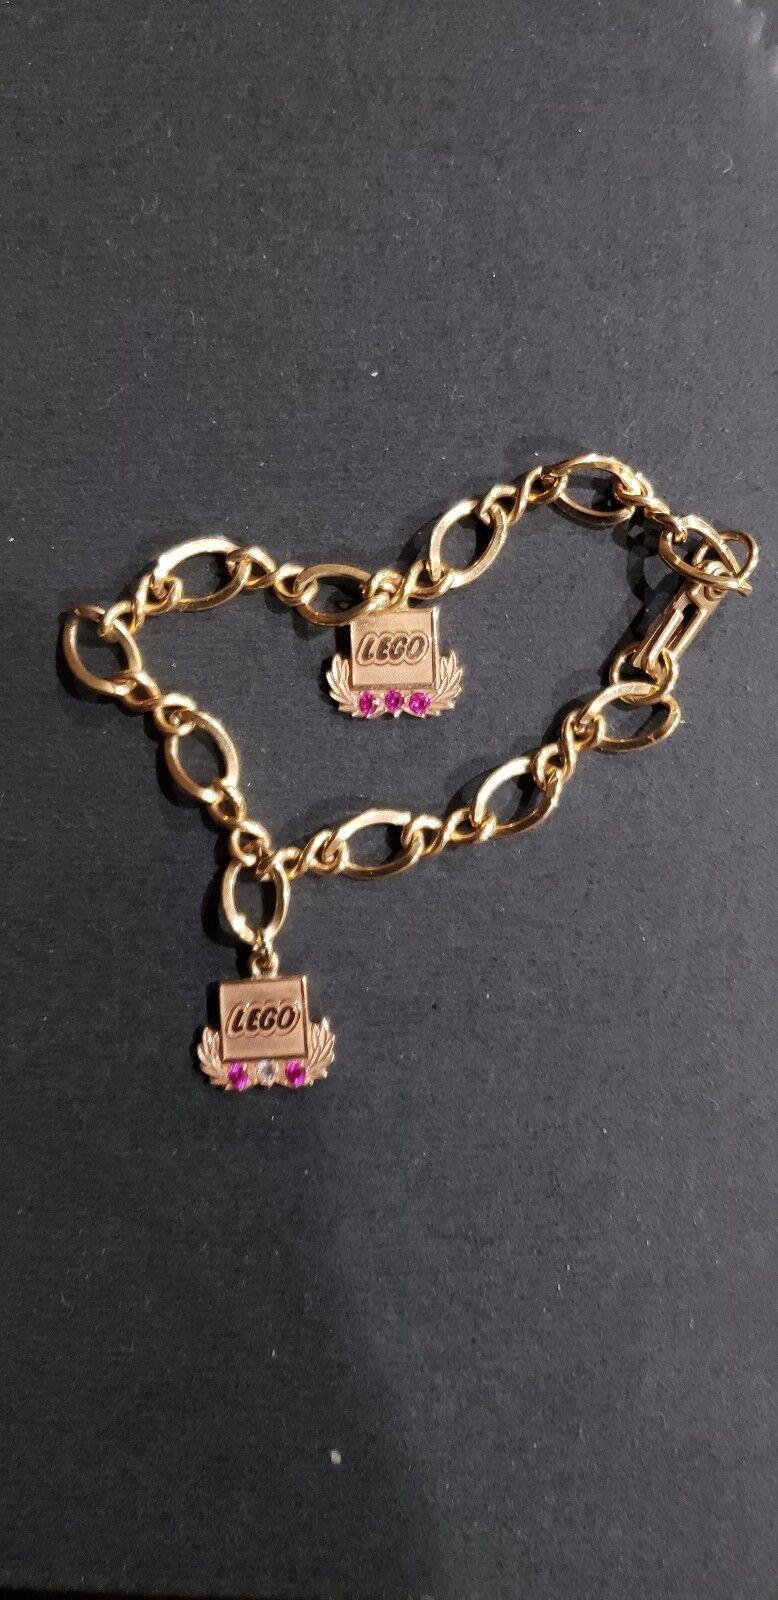 Lego années 1970 service 14K Bracelet en OR. TRÈS RARE  MAGNIFIQUE Gems Comme neuf Bracelet.